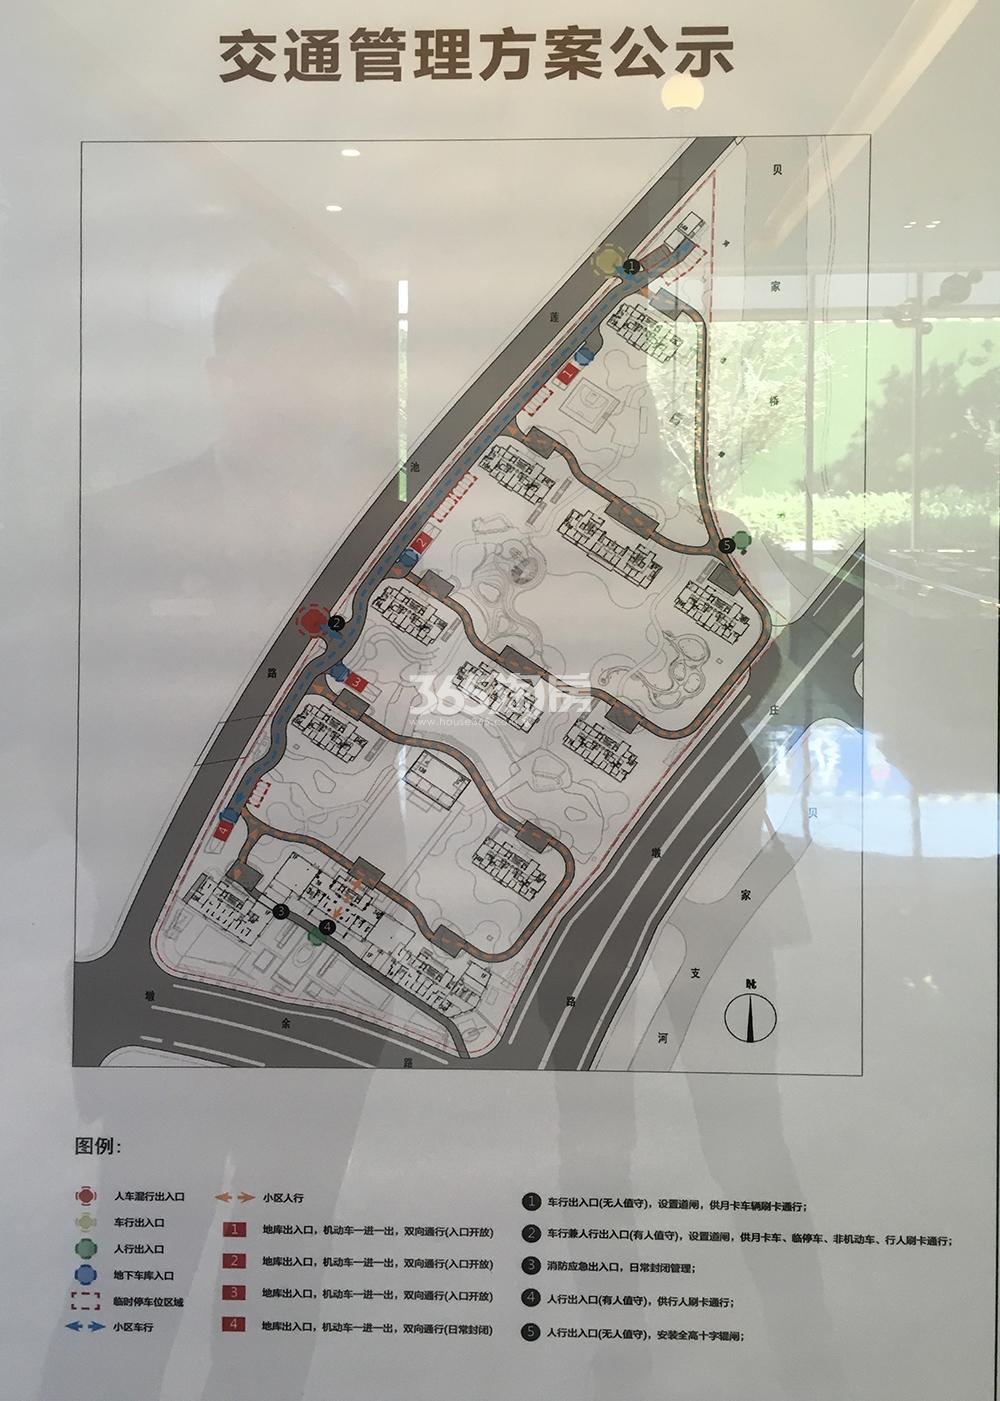 万科融信西雅图项目小区交通管理方案公示